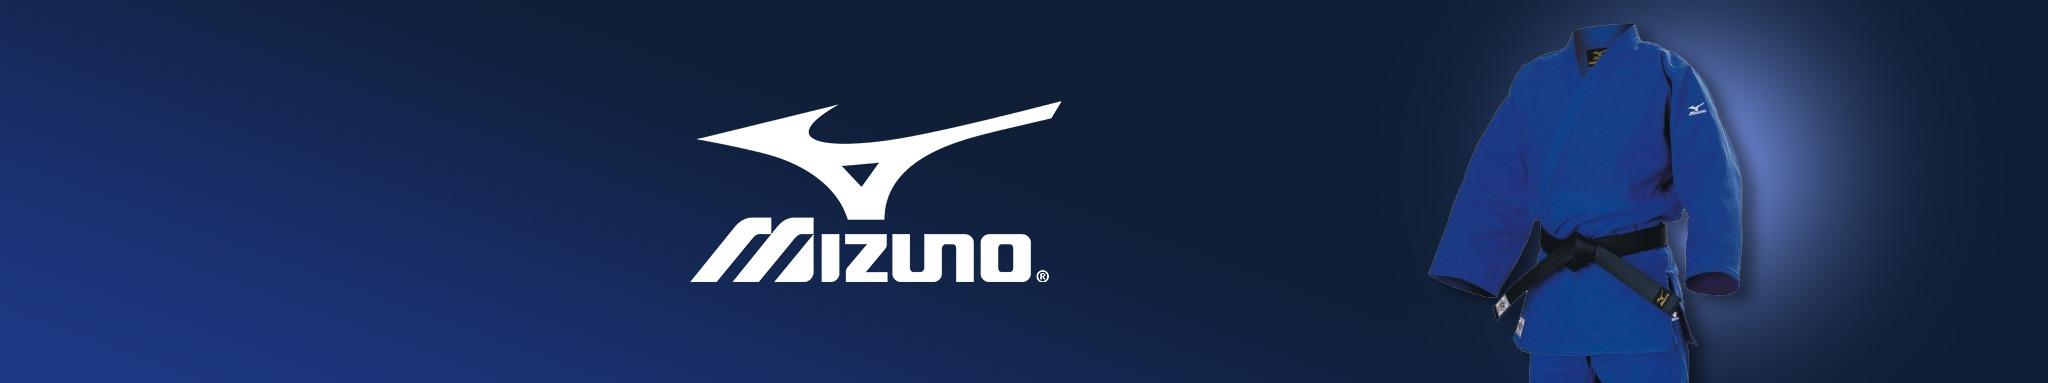 Mizuno : équipements & vêtements de la marque Mizuno | Dragon Bleu